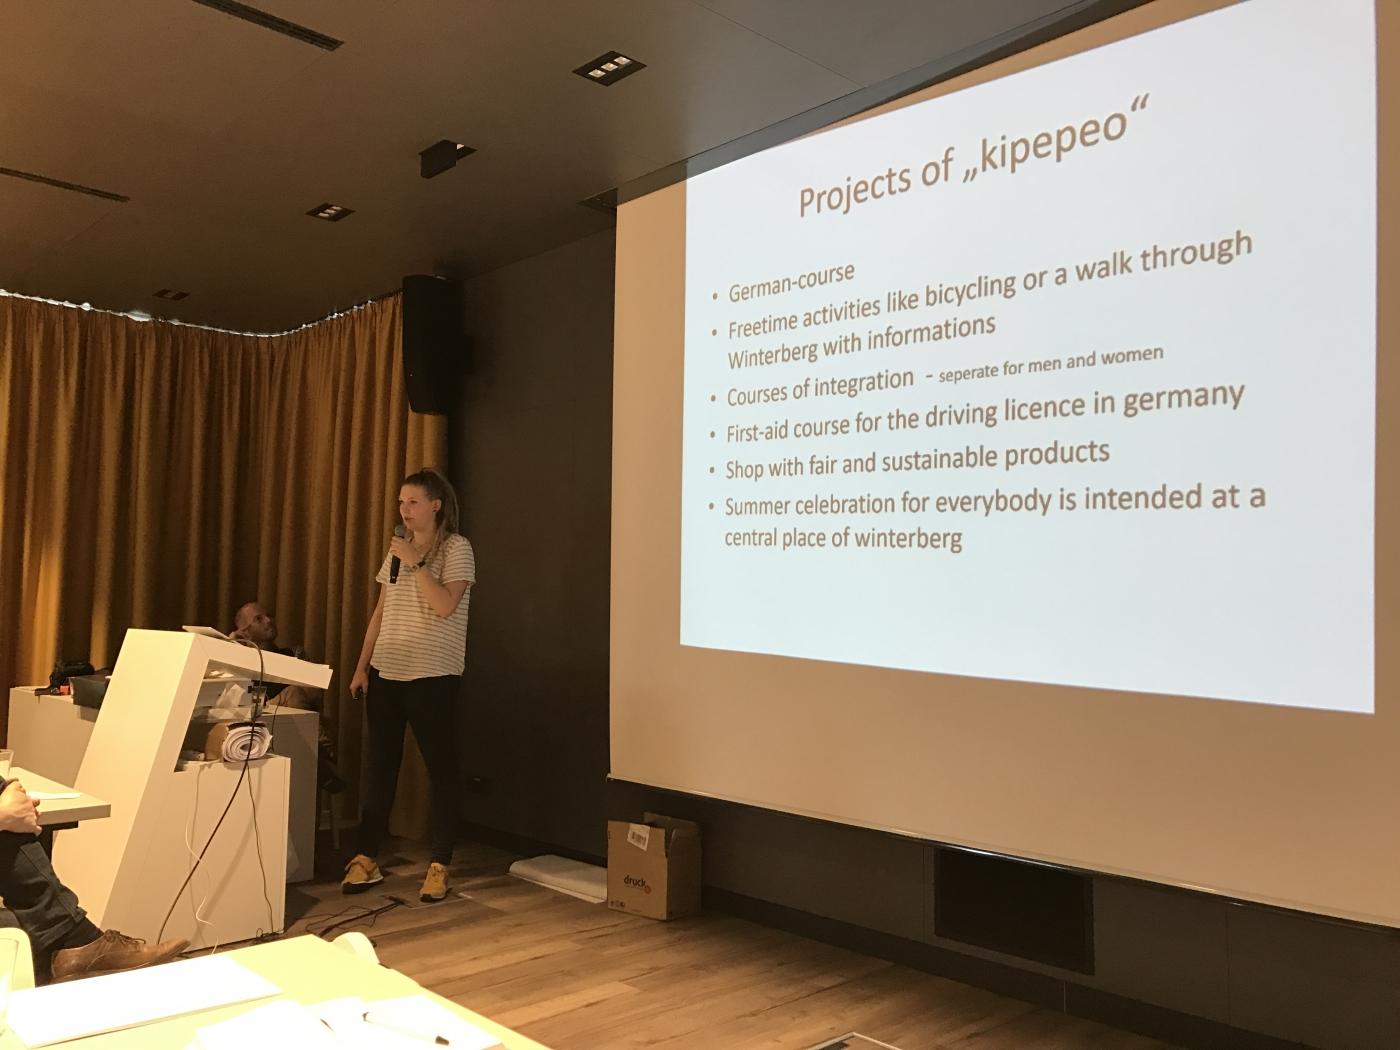 Viktoria Pape berichtet von der Arbeit des Winterberg Vereins KIPEPEO